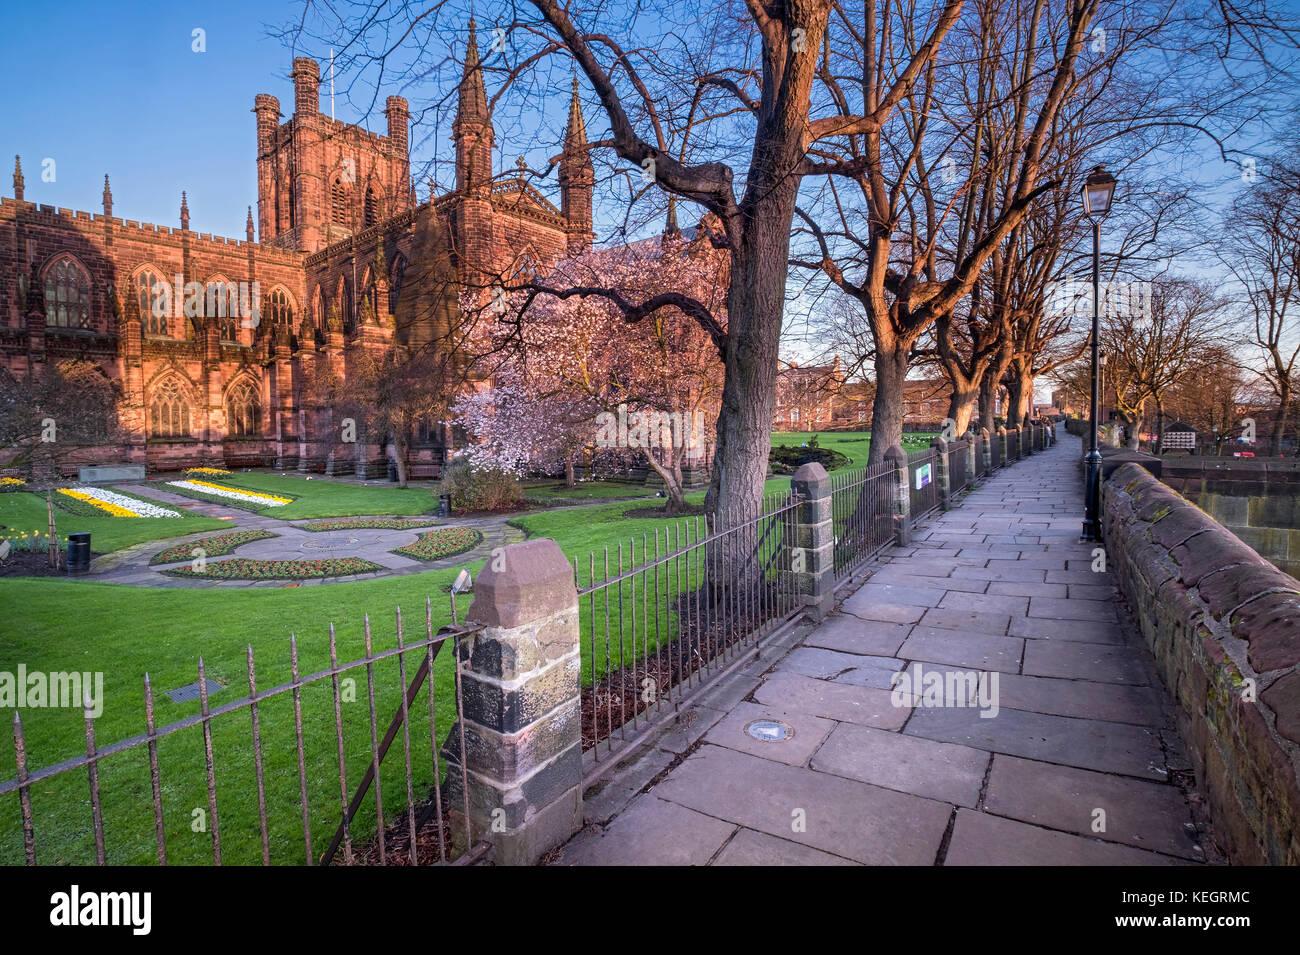 La cathédrale de Chester et les murs de la ville, Chester, Cheshire, Angleterre, RU Photo Stock